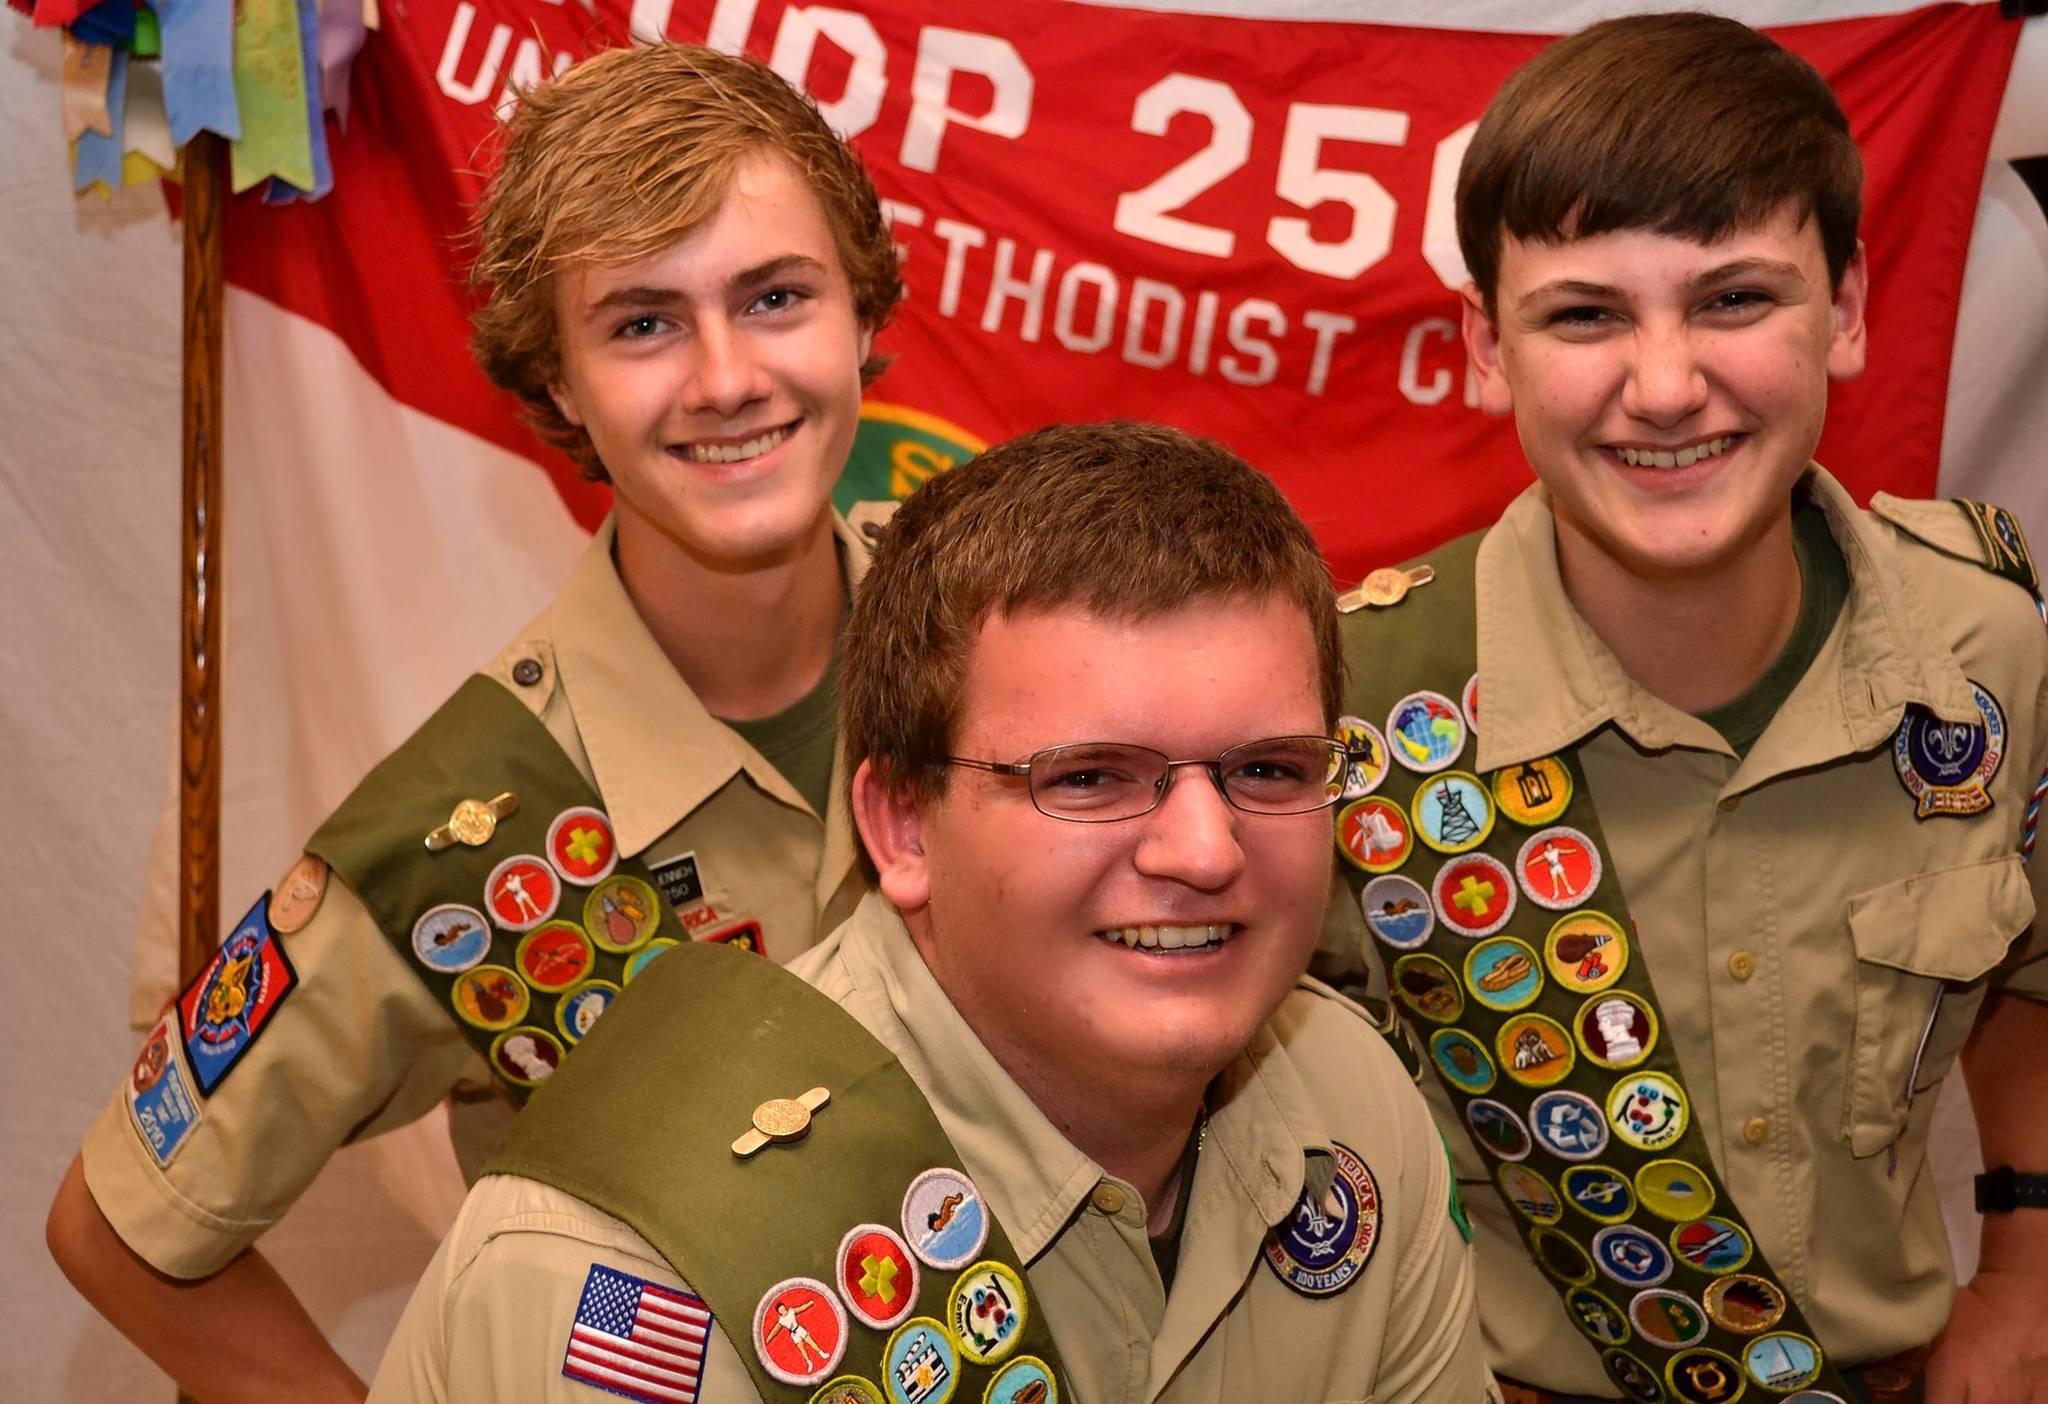 From left, Stephen Muennich, Shawn Belton and Erik Jauschneg.